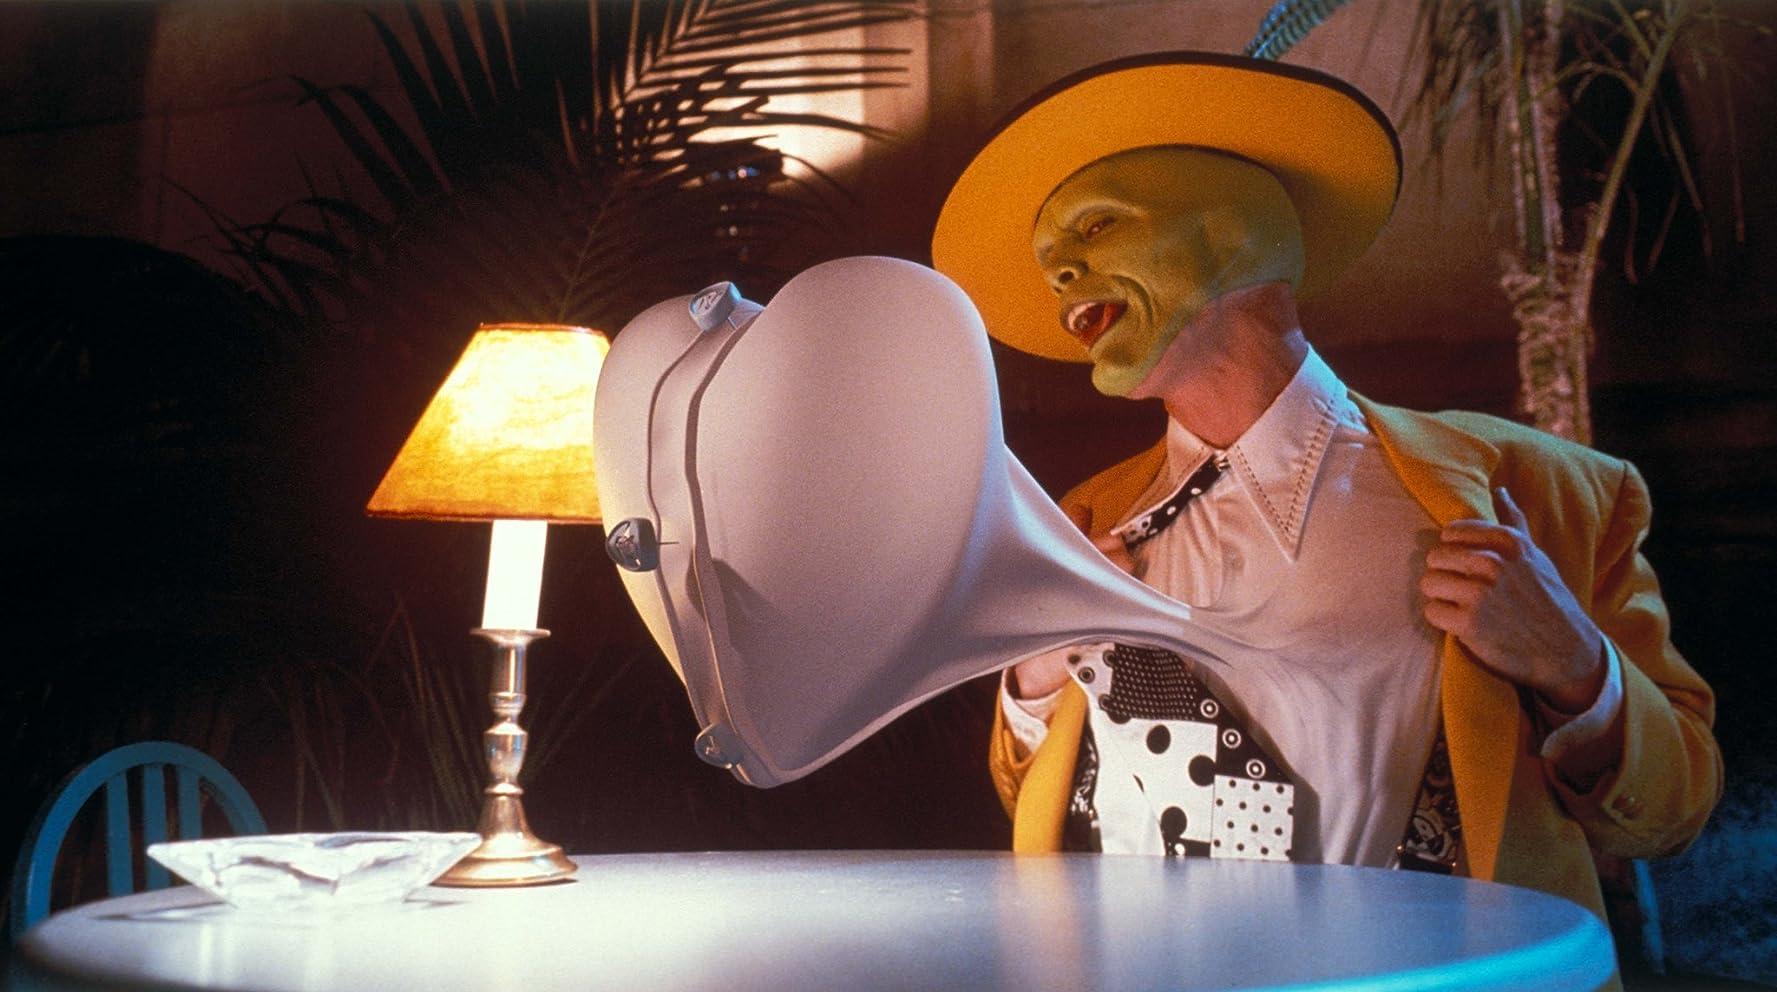 Maske 1 İndir The Mask Türkçe Dublaj Ekran Görüntüsü 2